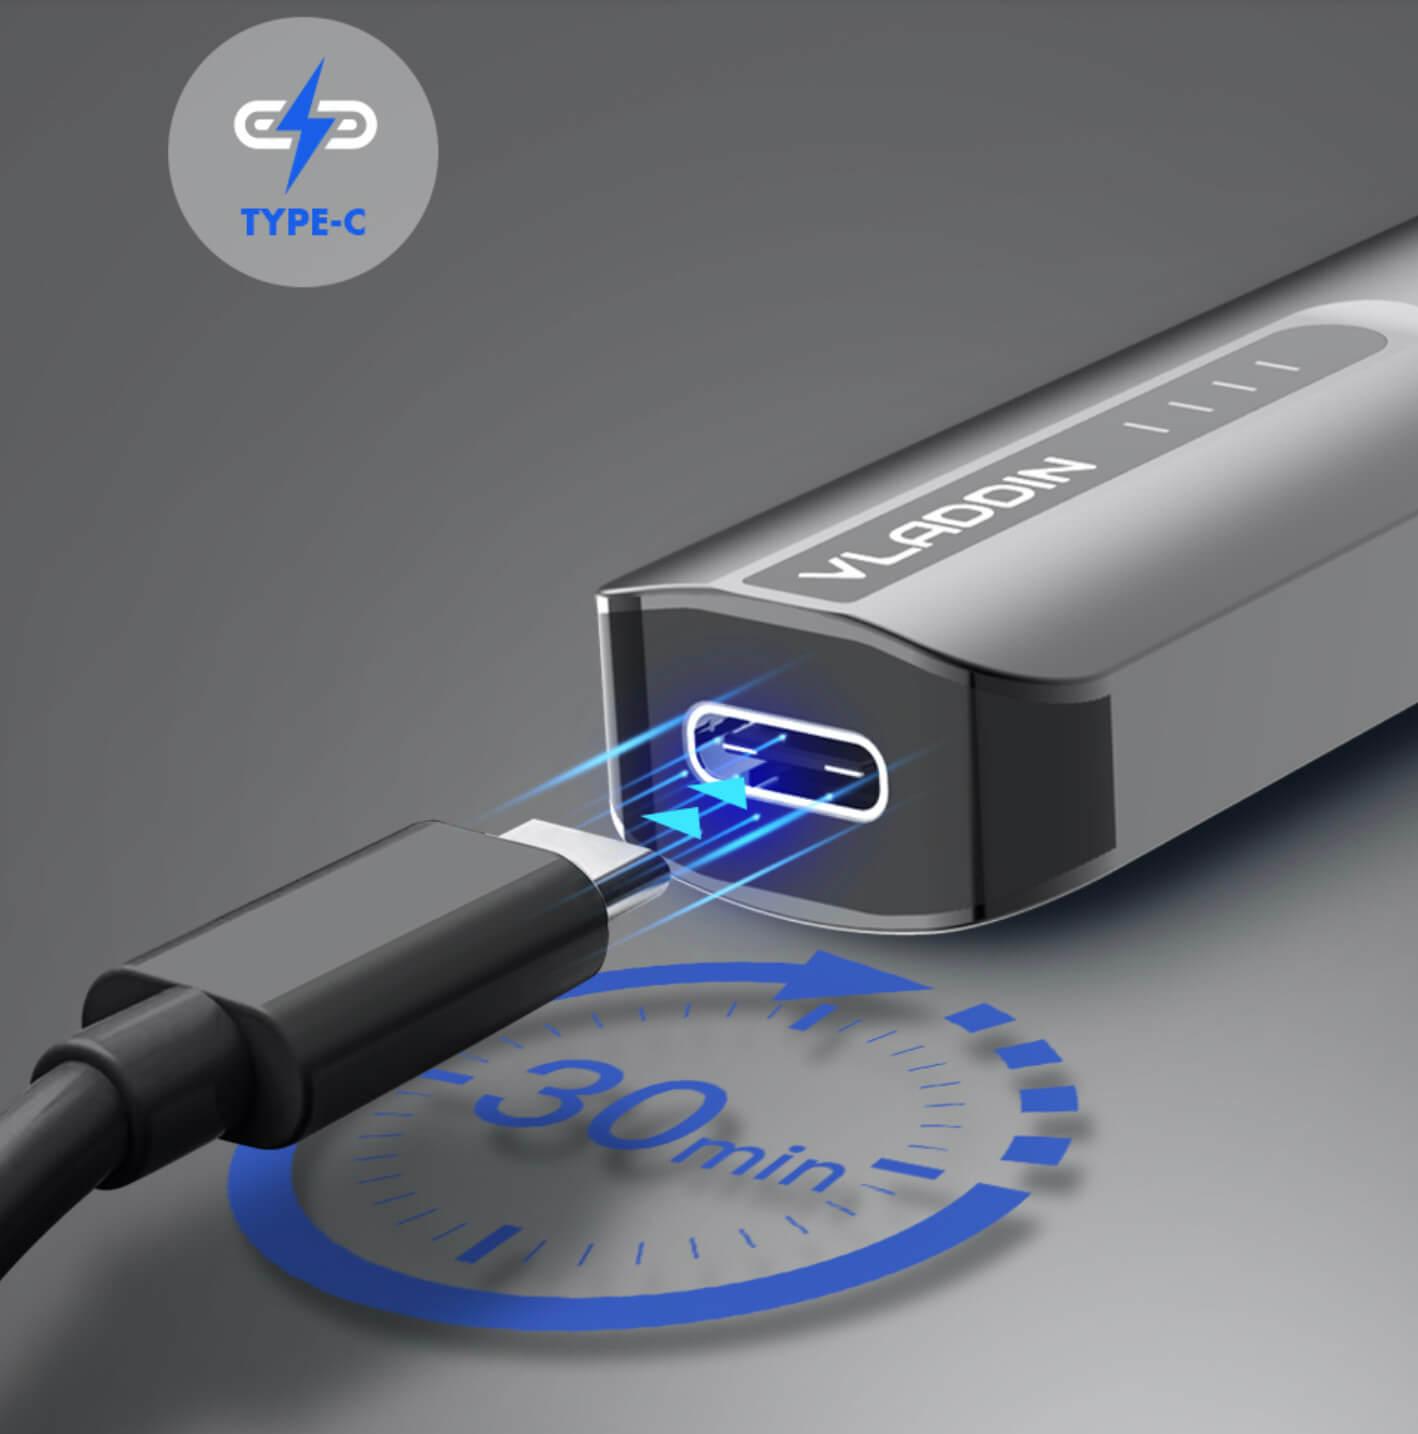 Ecigareta VLADDIN - super rychlé nabíjení přes USB C